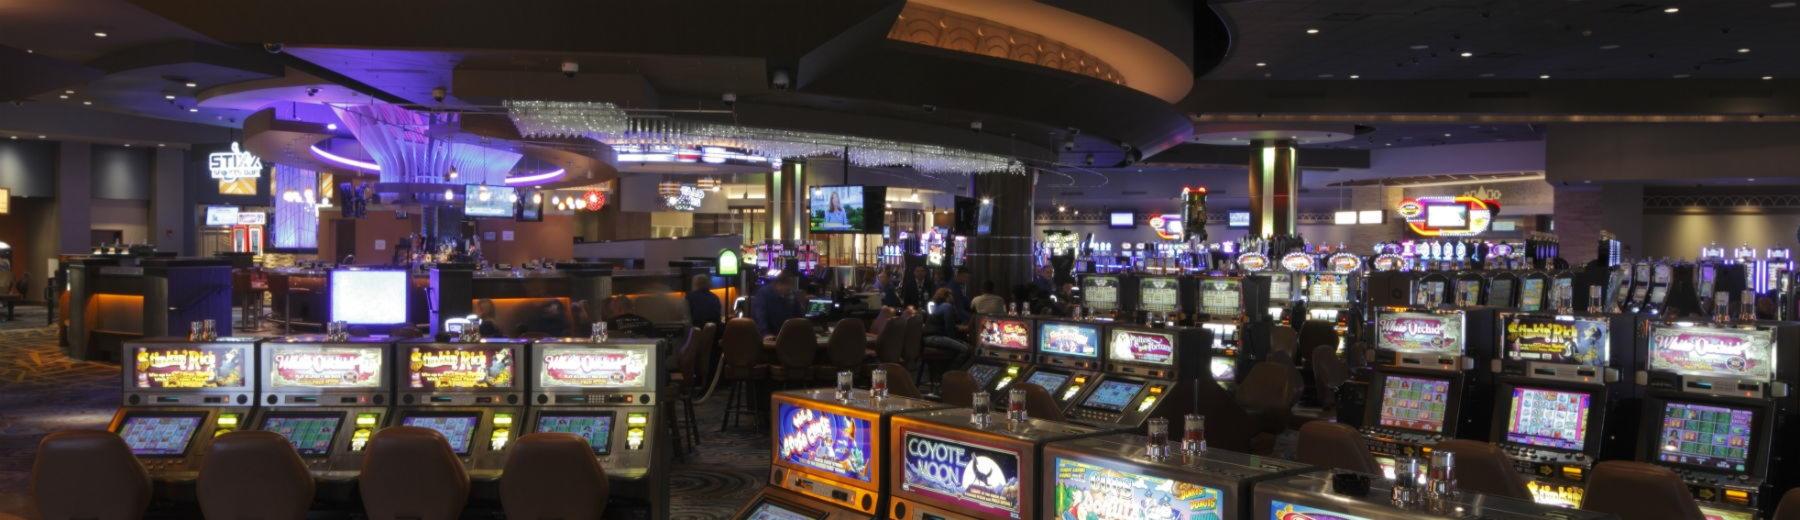 $605 Free casino chip at bWin